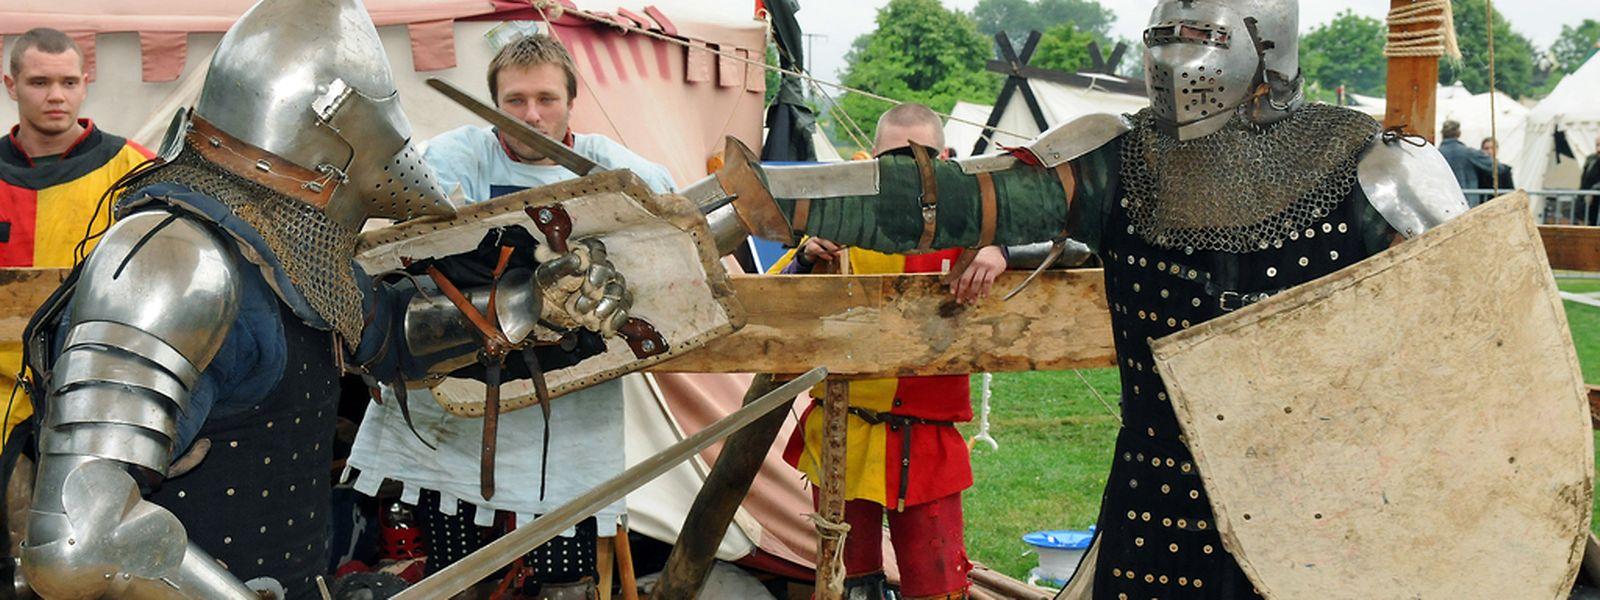 Pour un retour aux temps des chevaliers et des gentes dames, direction Hesperange